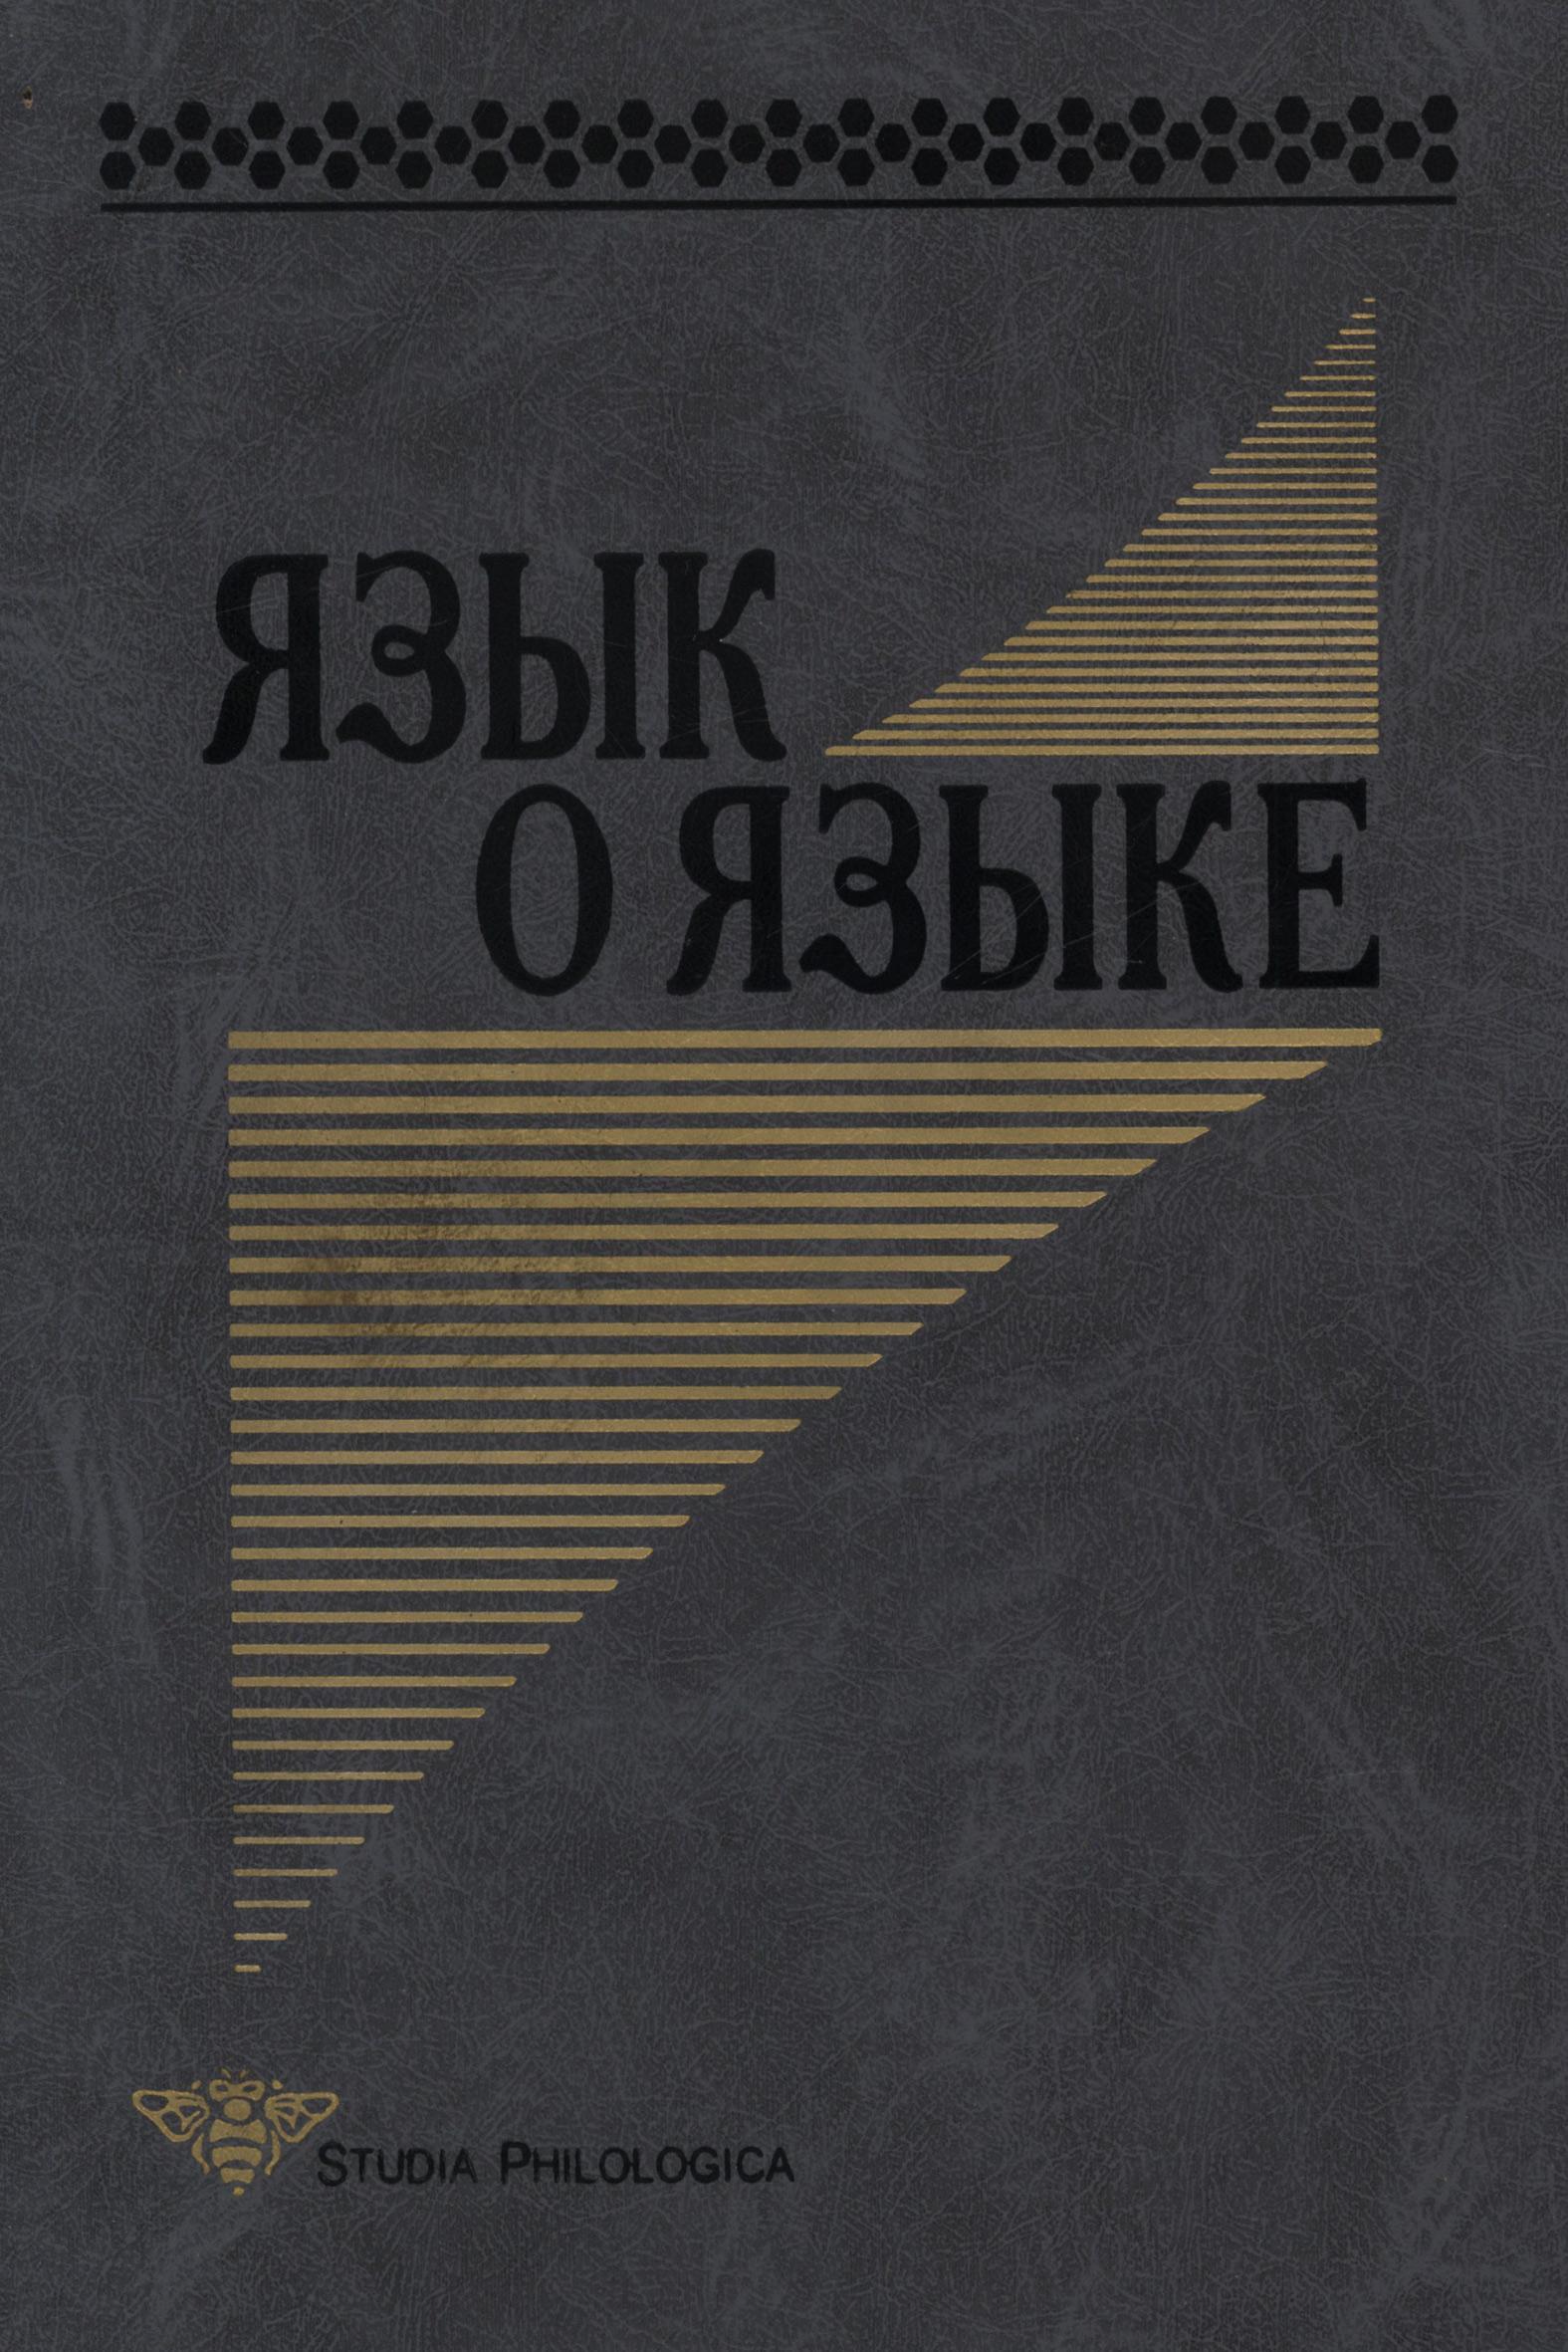 Сборник статей Язык о языке